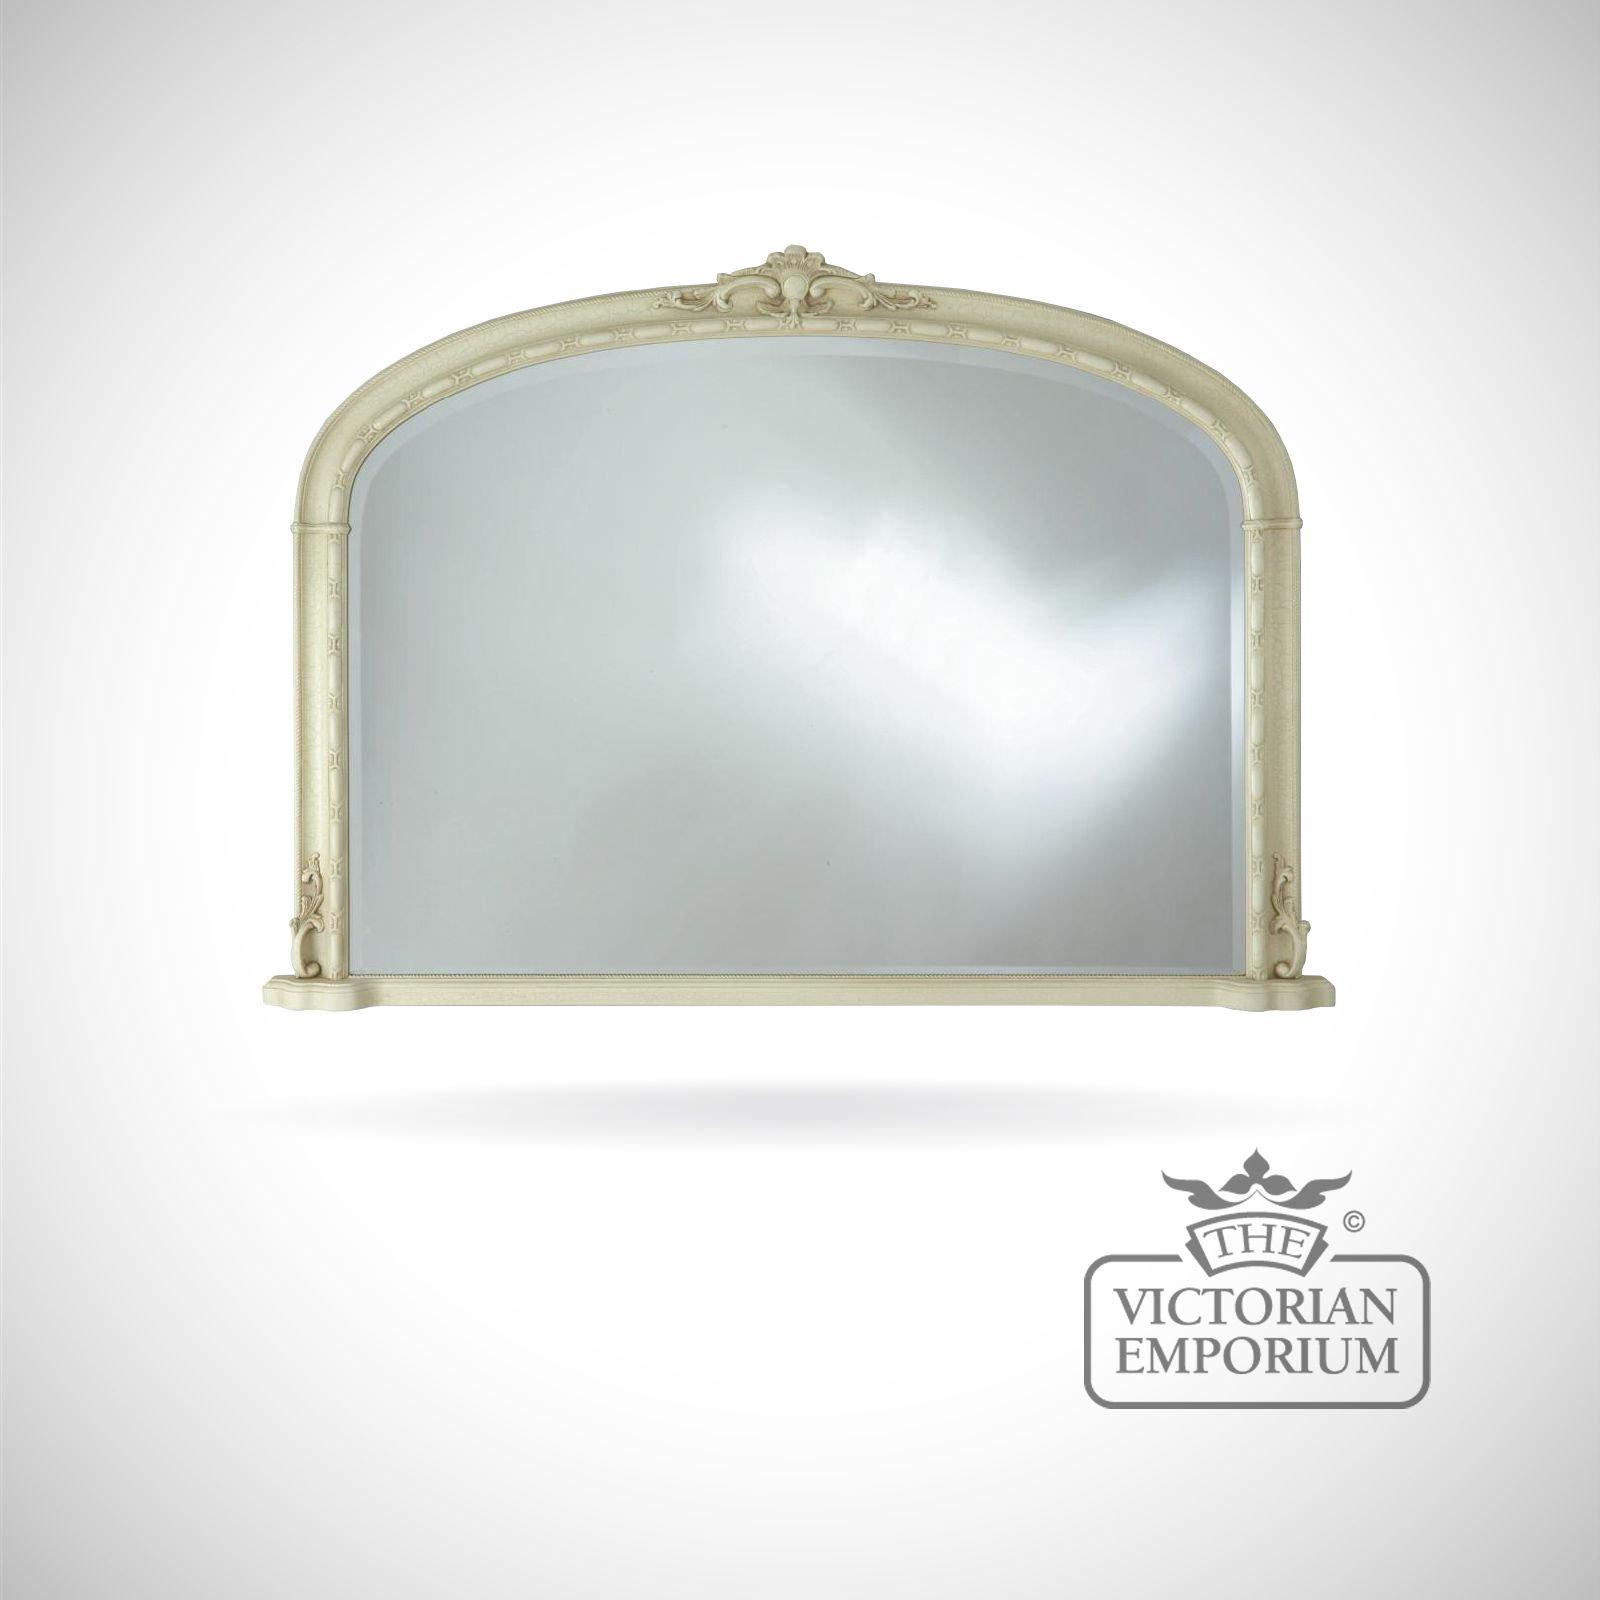 Hampton Overmantle Mirror 127cm X 91cm With Ivory Frame